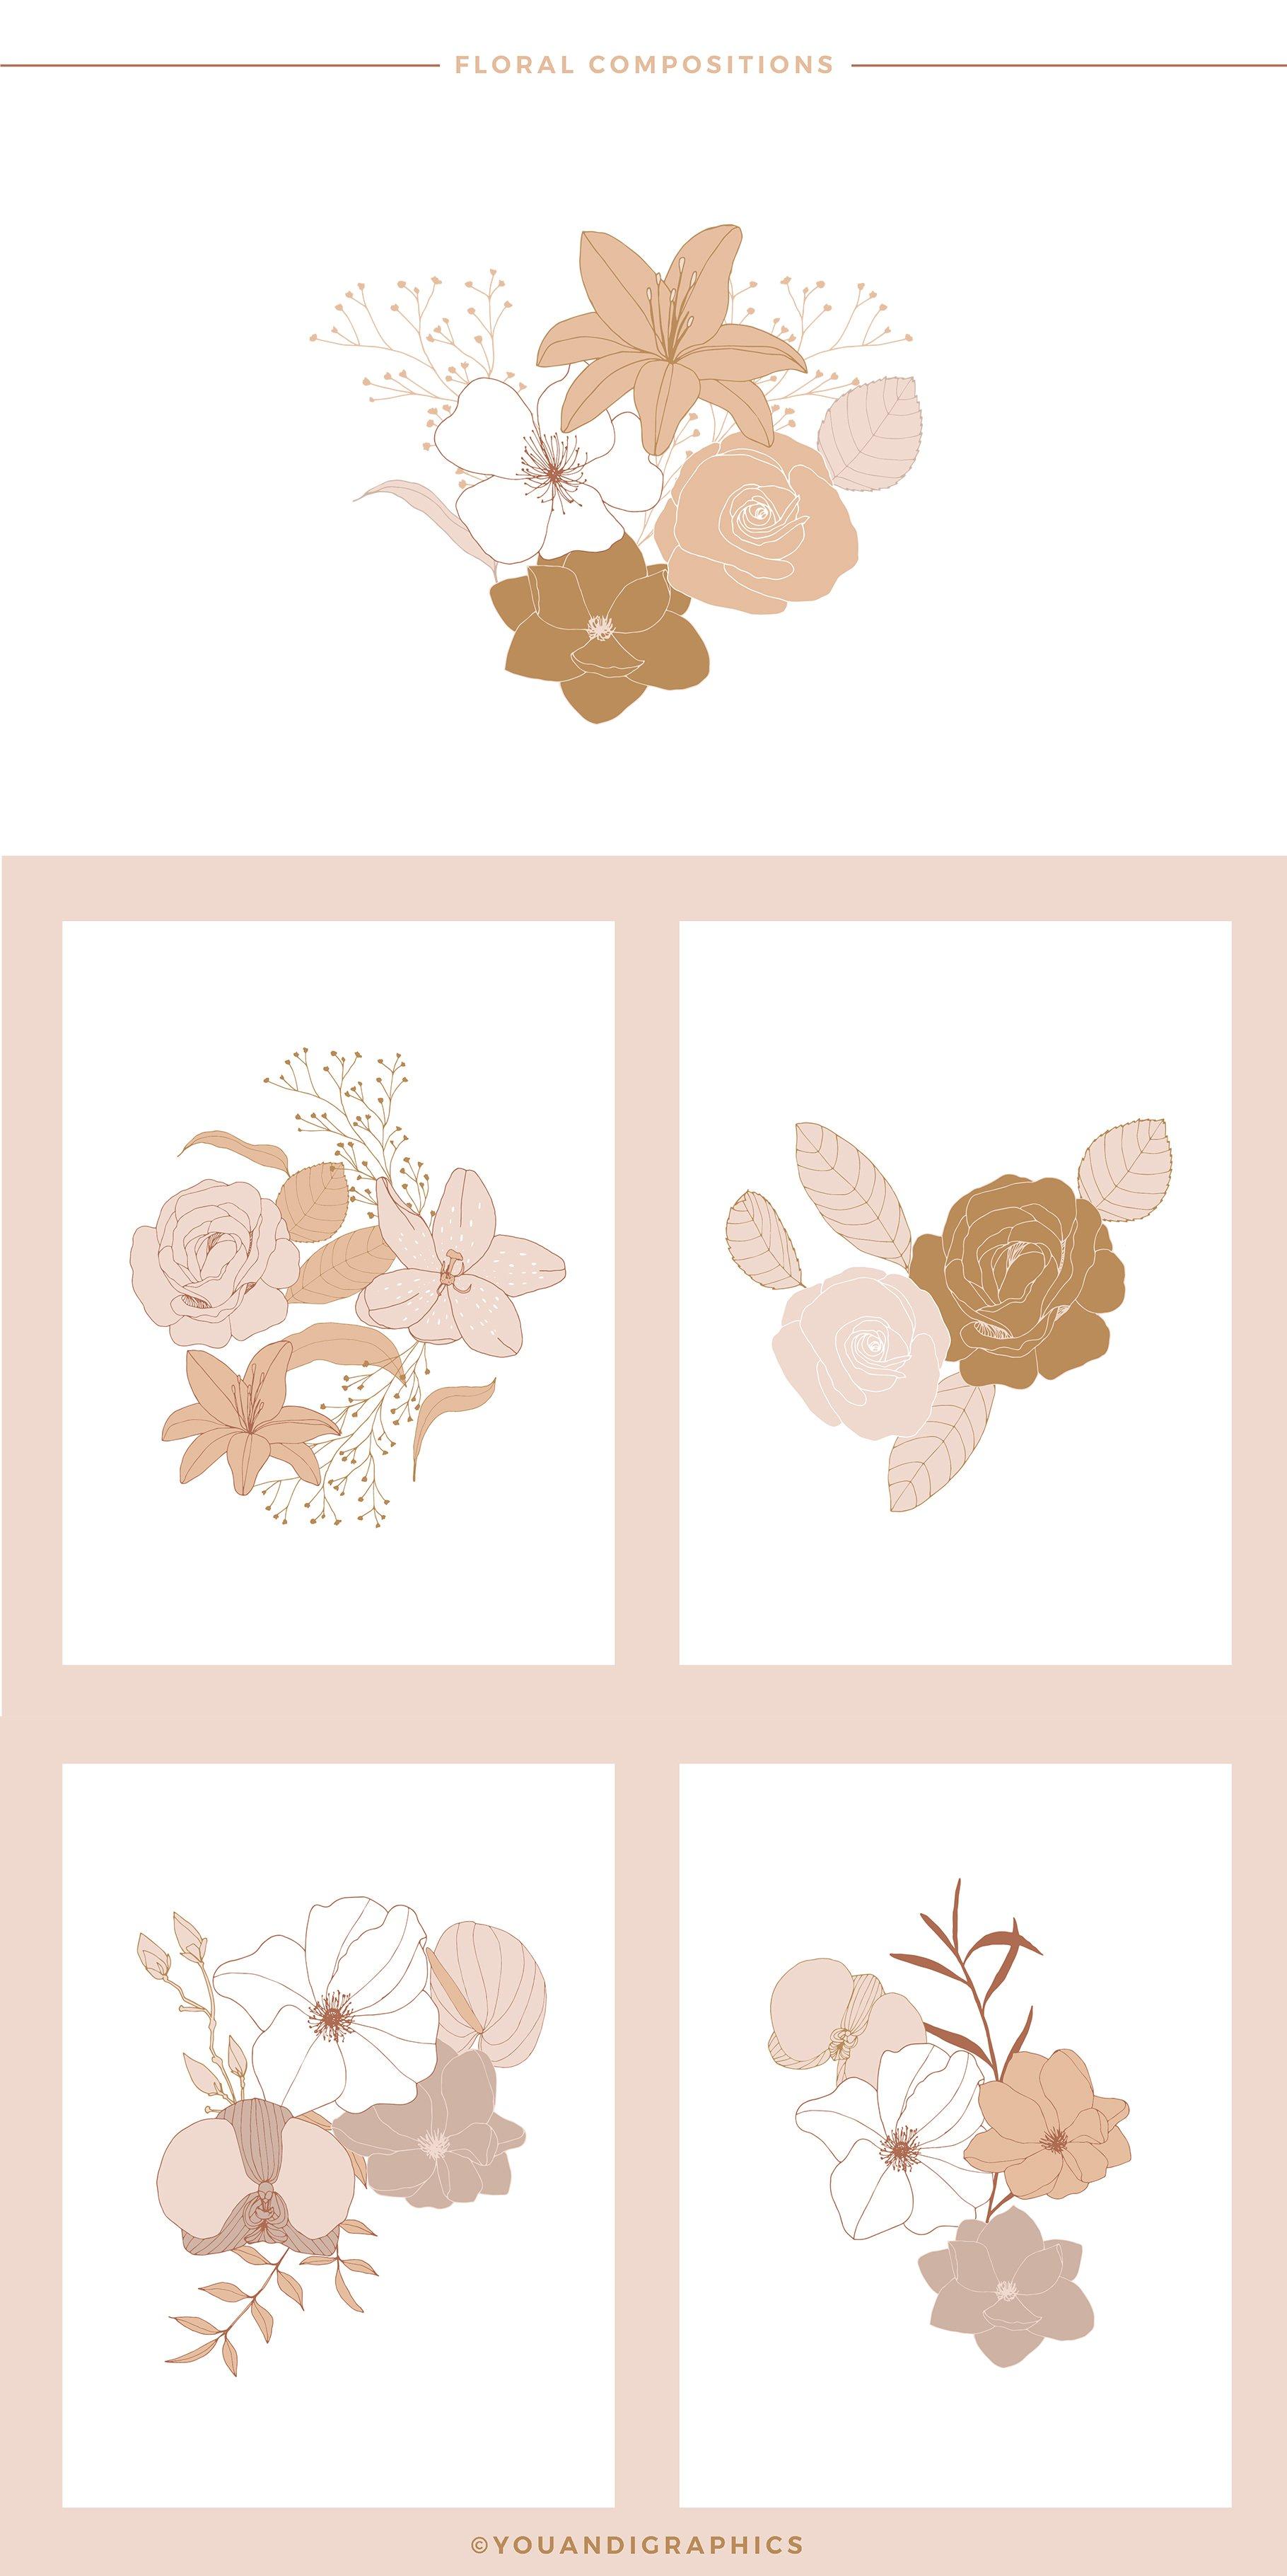 手绘盛开花卉花朵矢量无缝隙图案素材 Blooming Garden Floral Patterns插图(12)